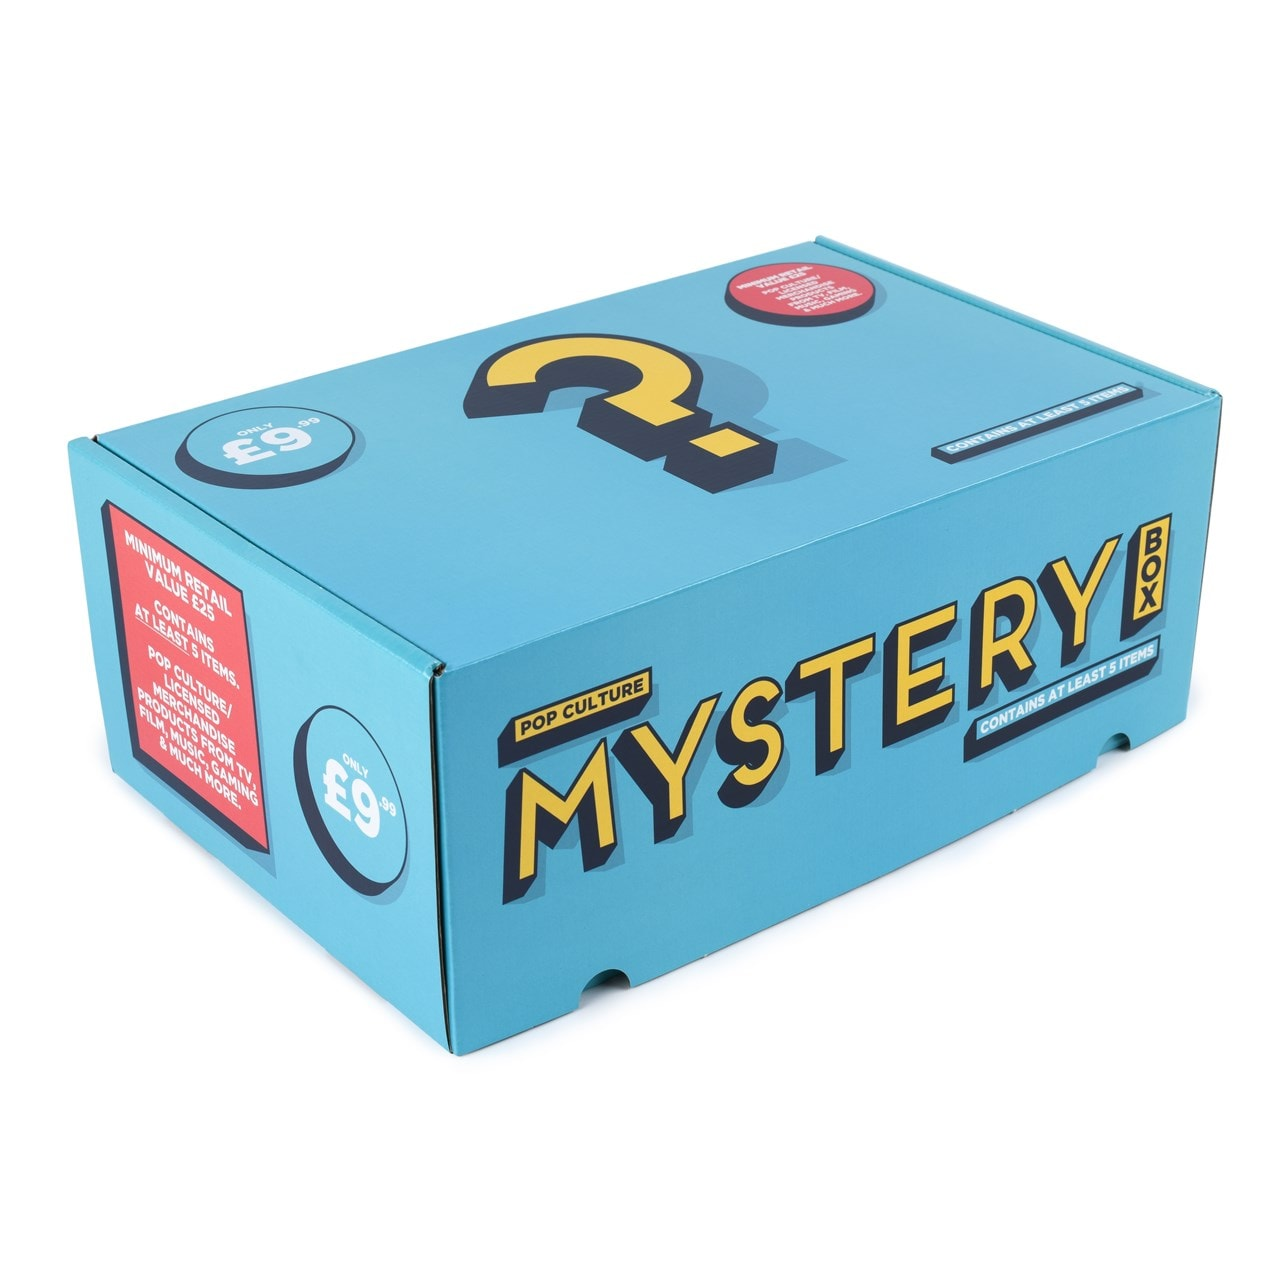 Fully Stocked! Mystery Box - 1